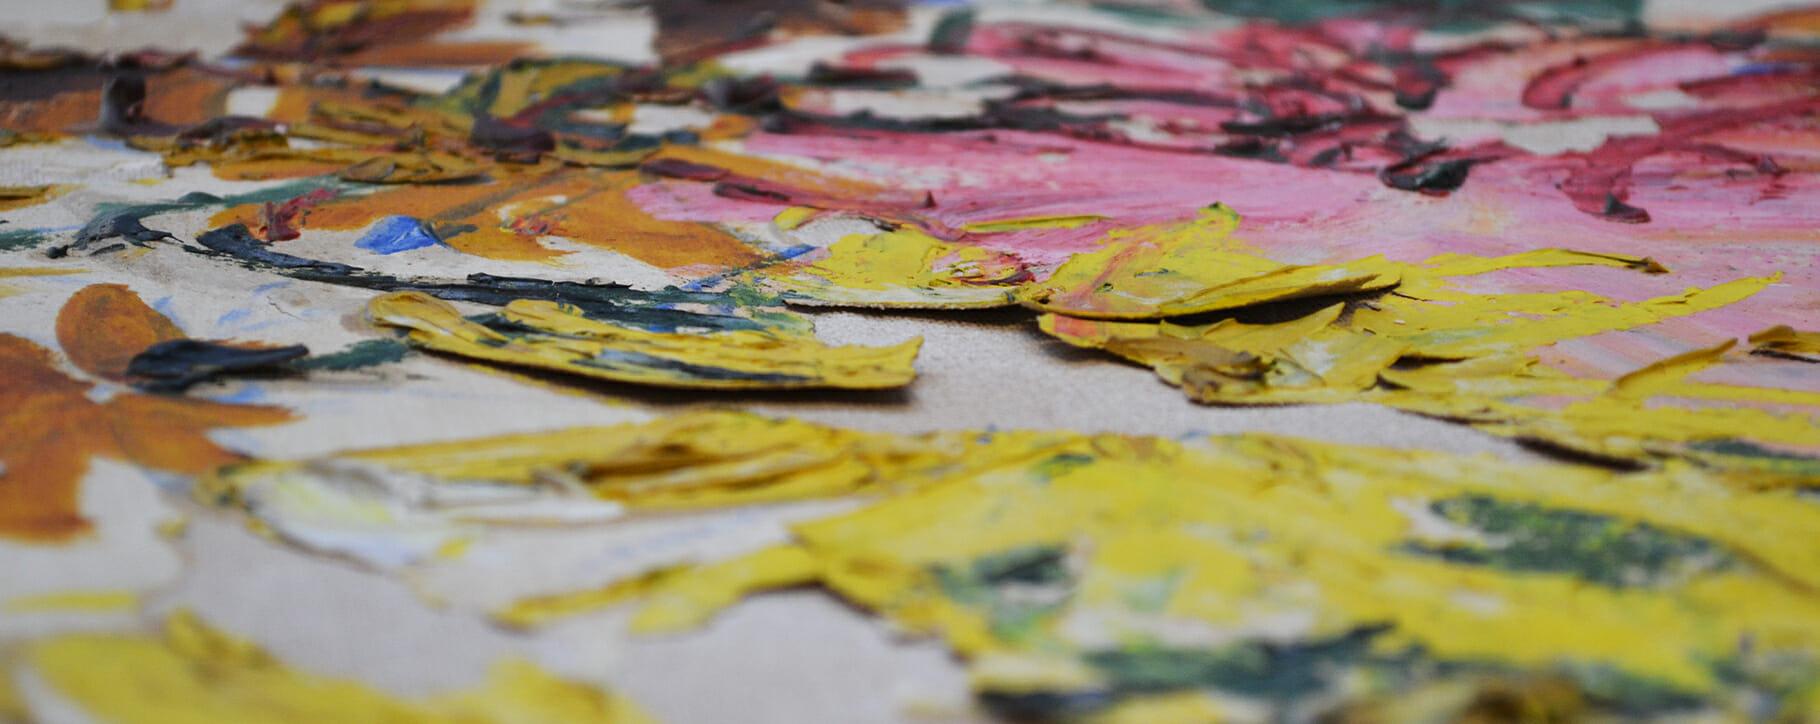 Yellow Flaking Paint